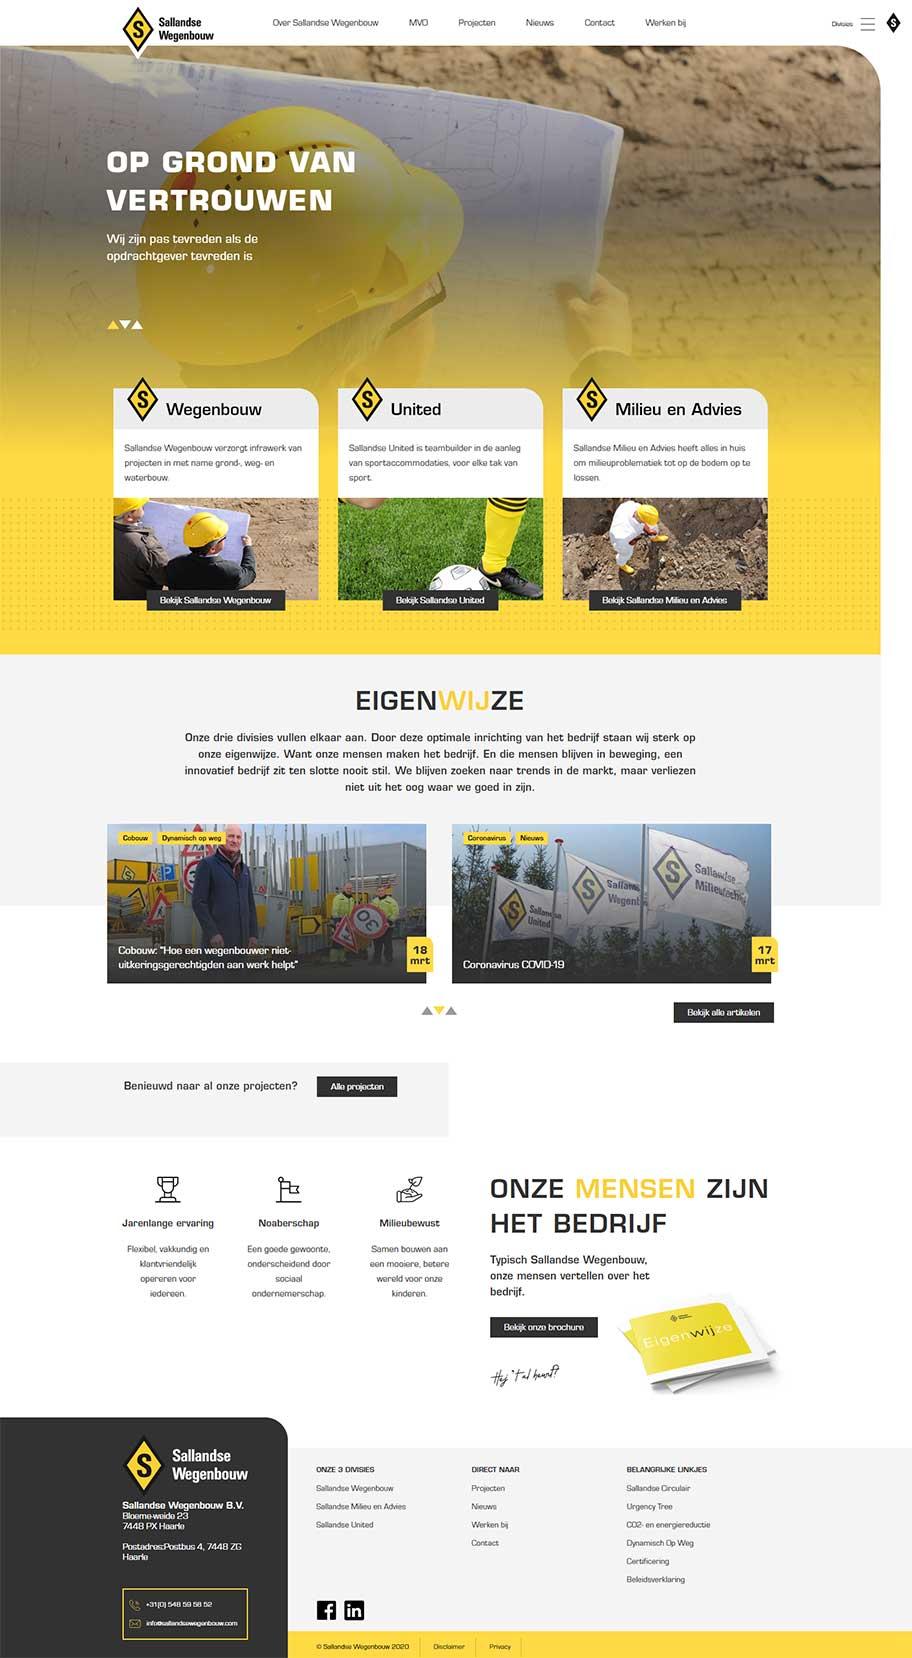 Sallandse Wegenbouw voorbeeld op desktop formaat